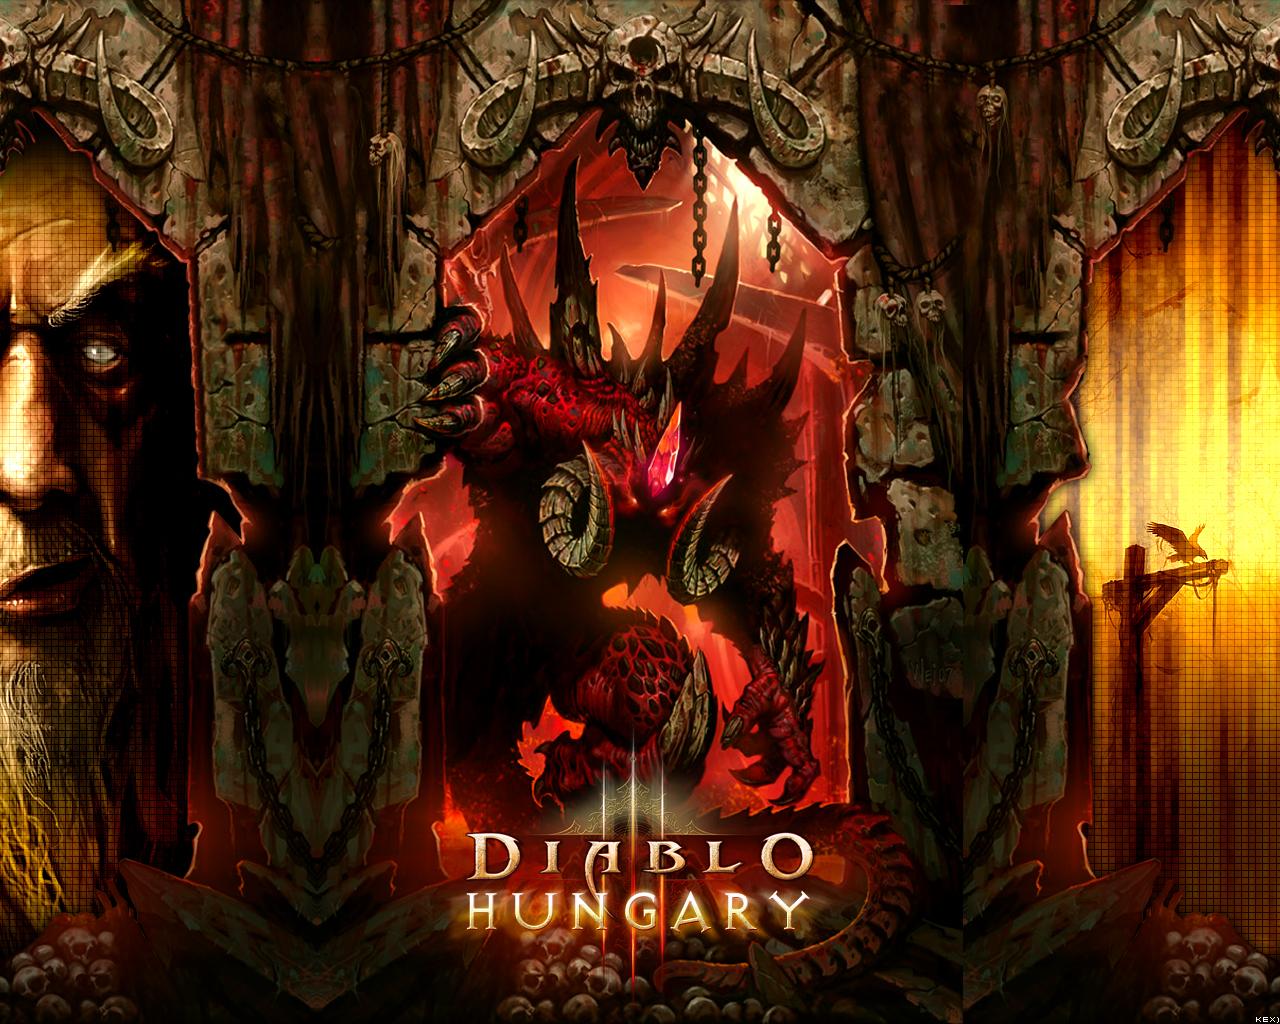 http://2.bp.blogspot.com/-FNiQkADd67g/T9qLP4MXAJI/AAAAAAAAAaU/CSb5CipEj38/s1600/Diablo-3-Wallpaper-32.jpg